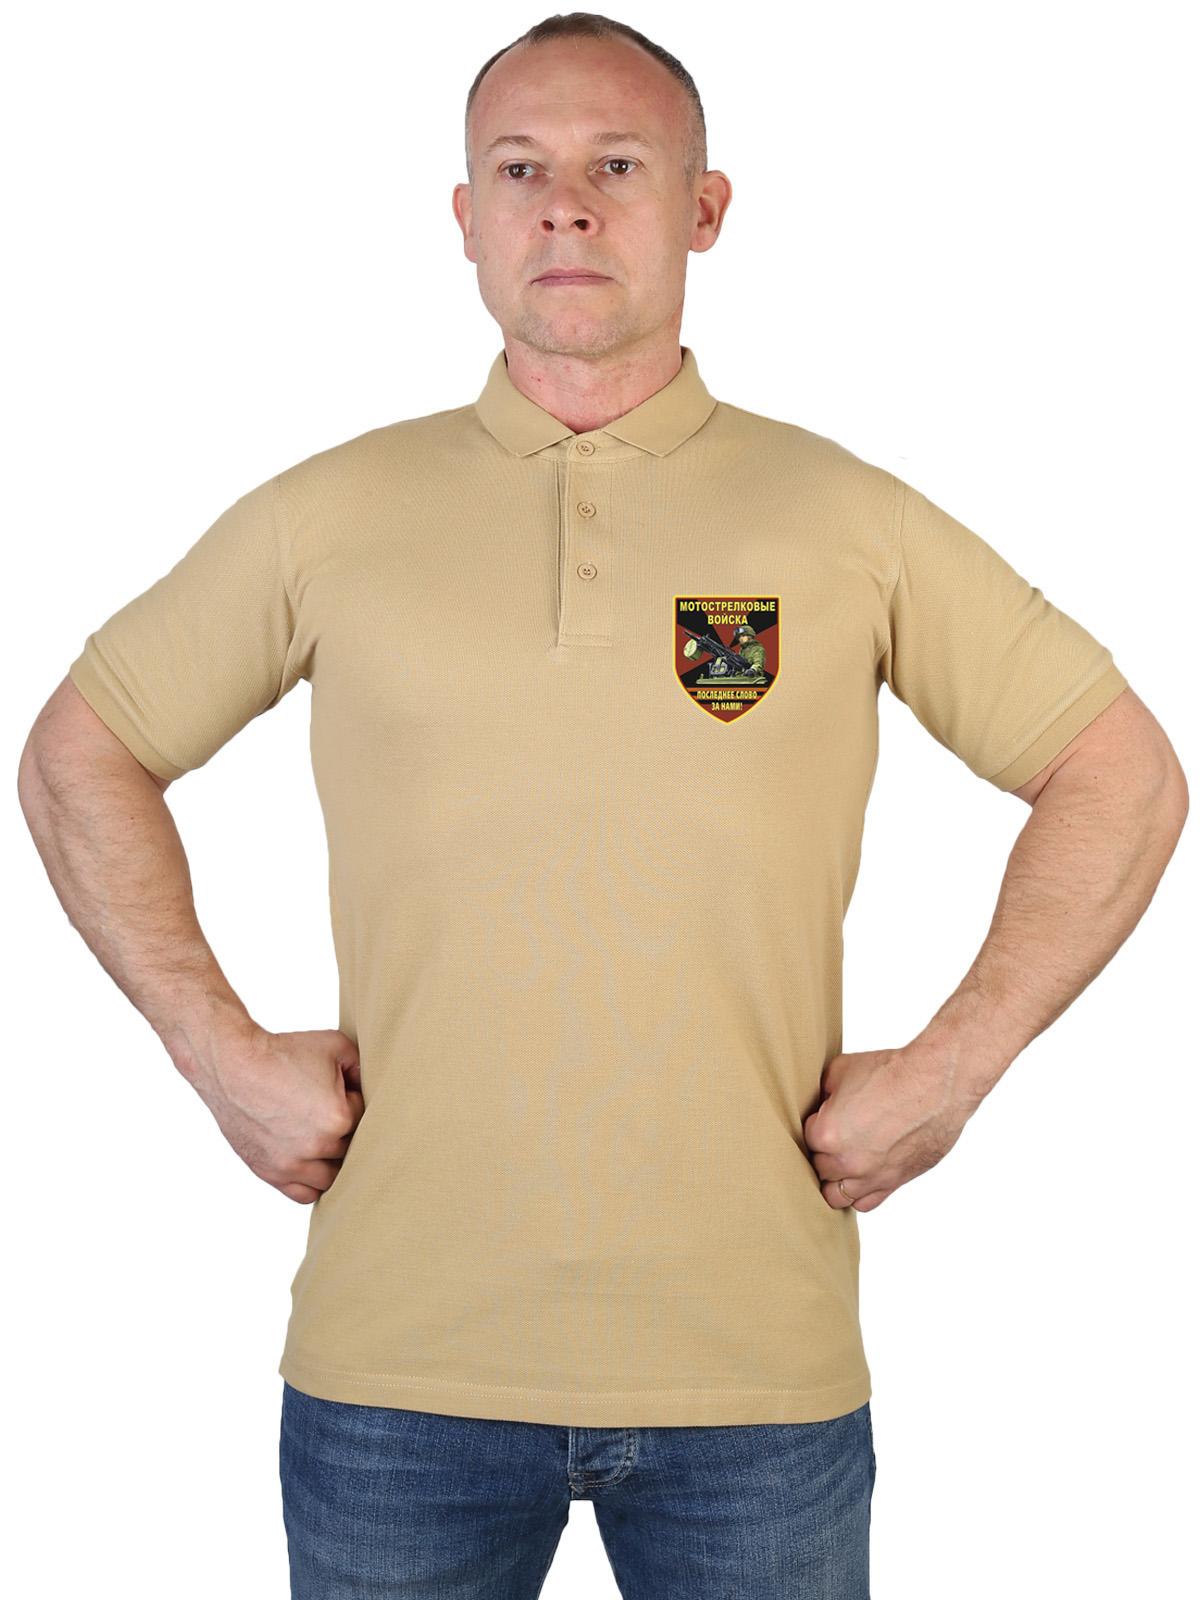 Купить хлопковую песочную футболку-поло с термонаклейкой Мотострелковые Войска с доставкой